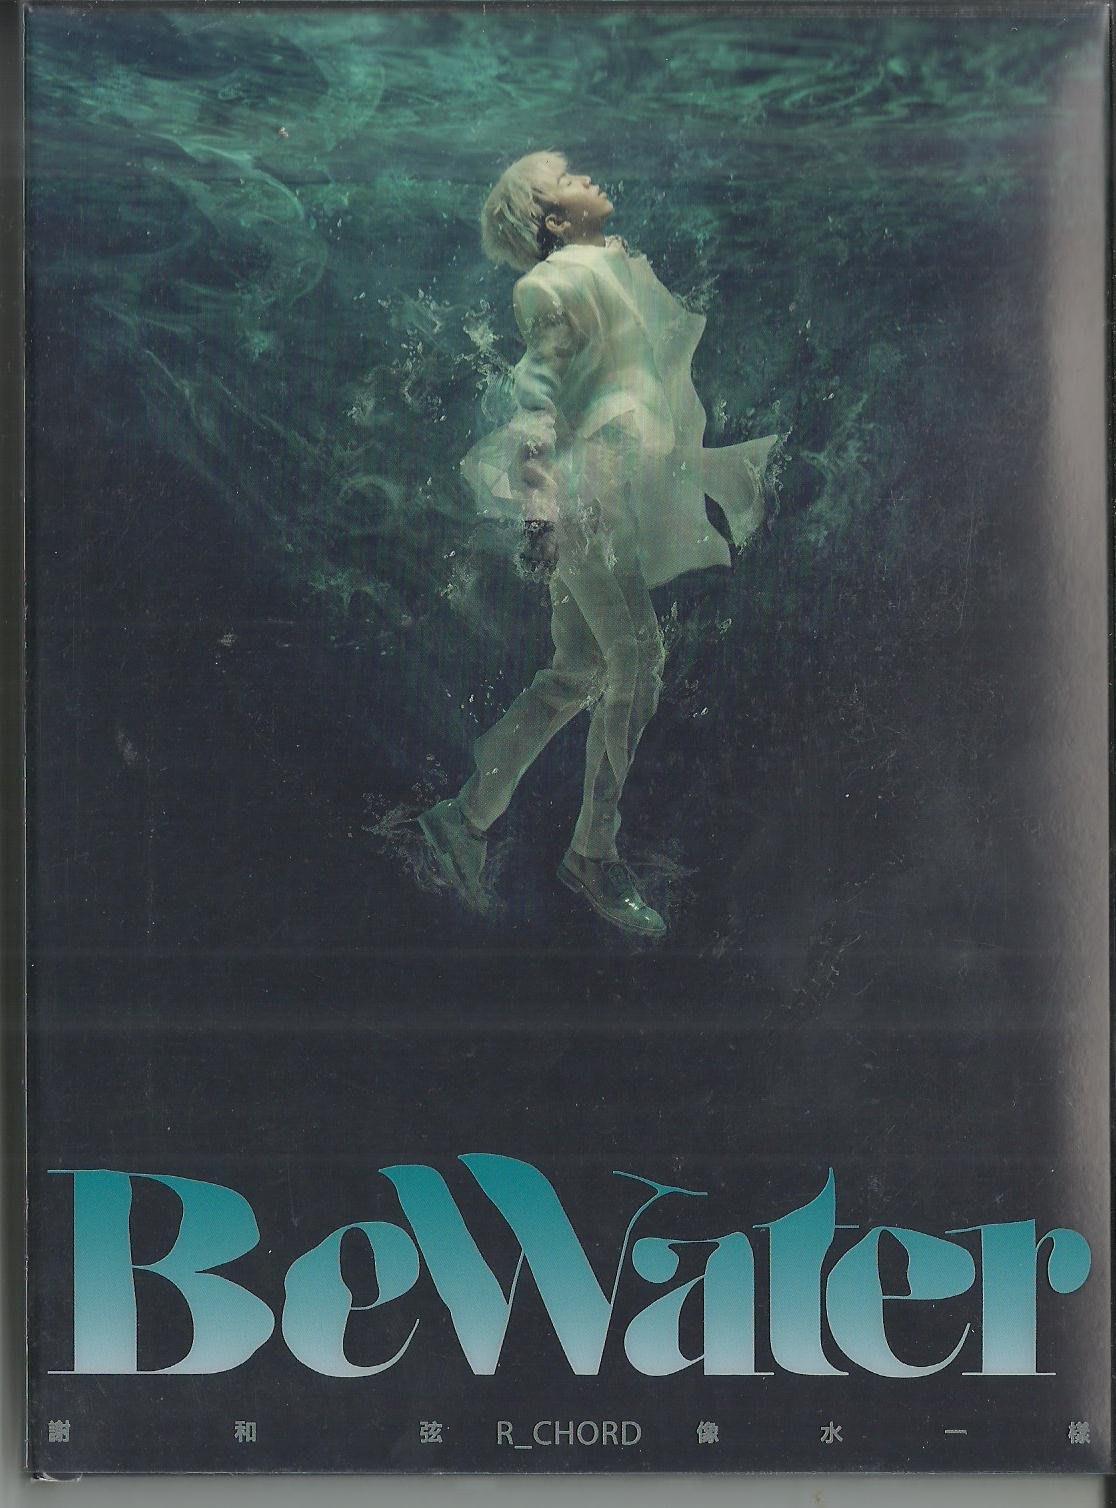 謝和弦像水一樣BeWater CD_保存如新傳宣片